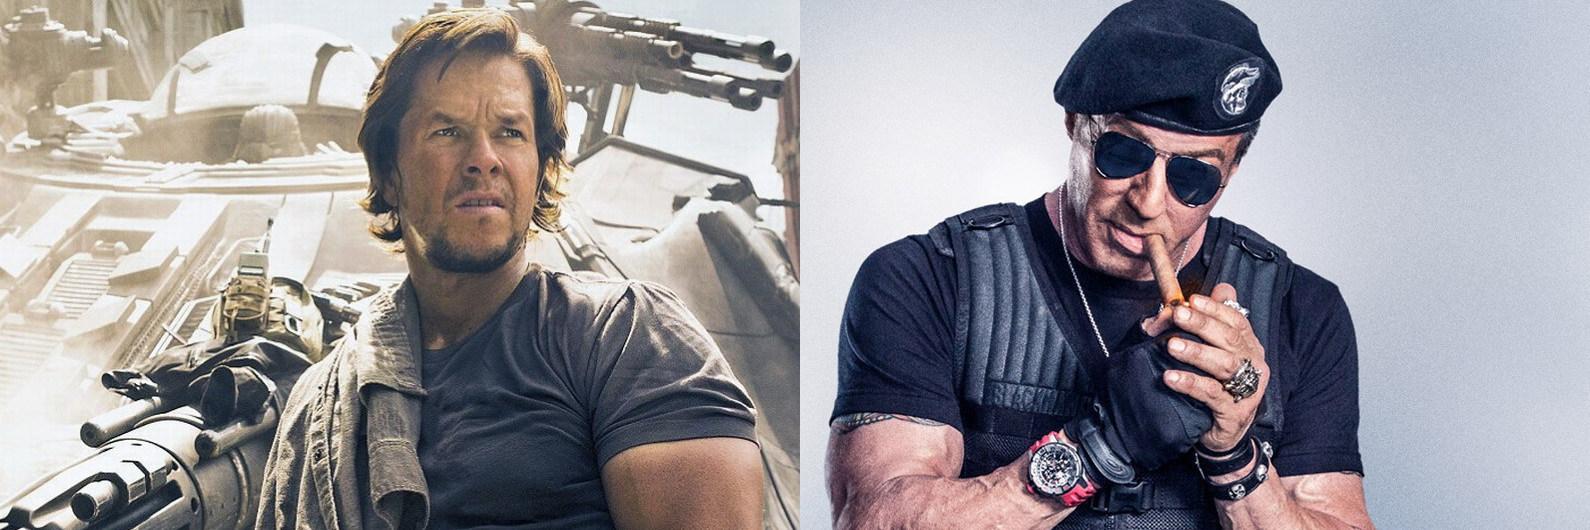 De Mark Wahlberg a Stallone: Os heróis americanos da ação pura e dura